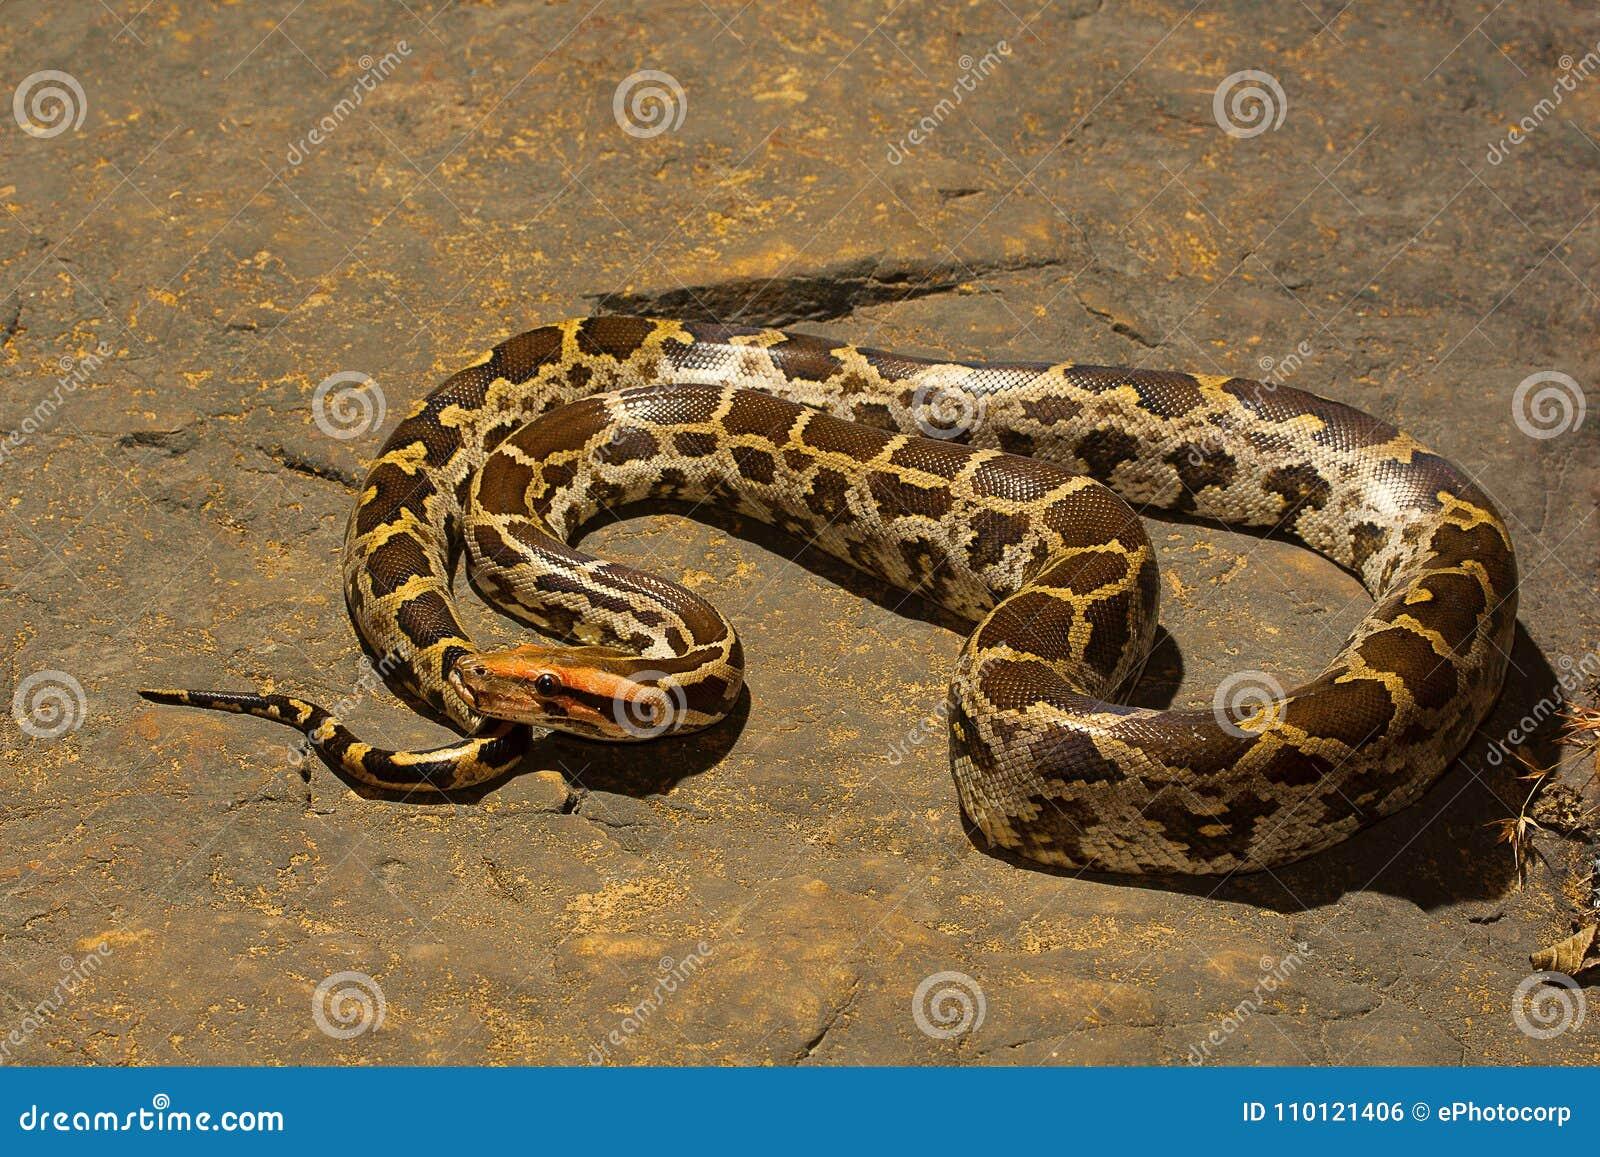 Indische Felsenpythonschlange, Pythonschlange molurus, Aarey-Milch-Kolonie, INDIEN